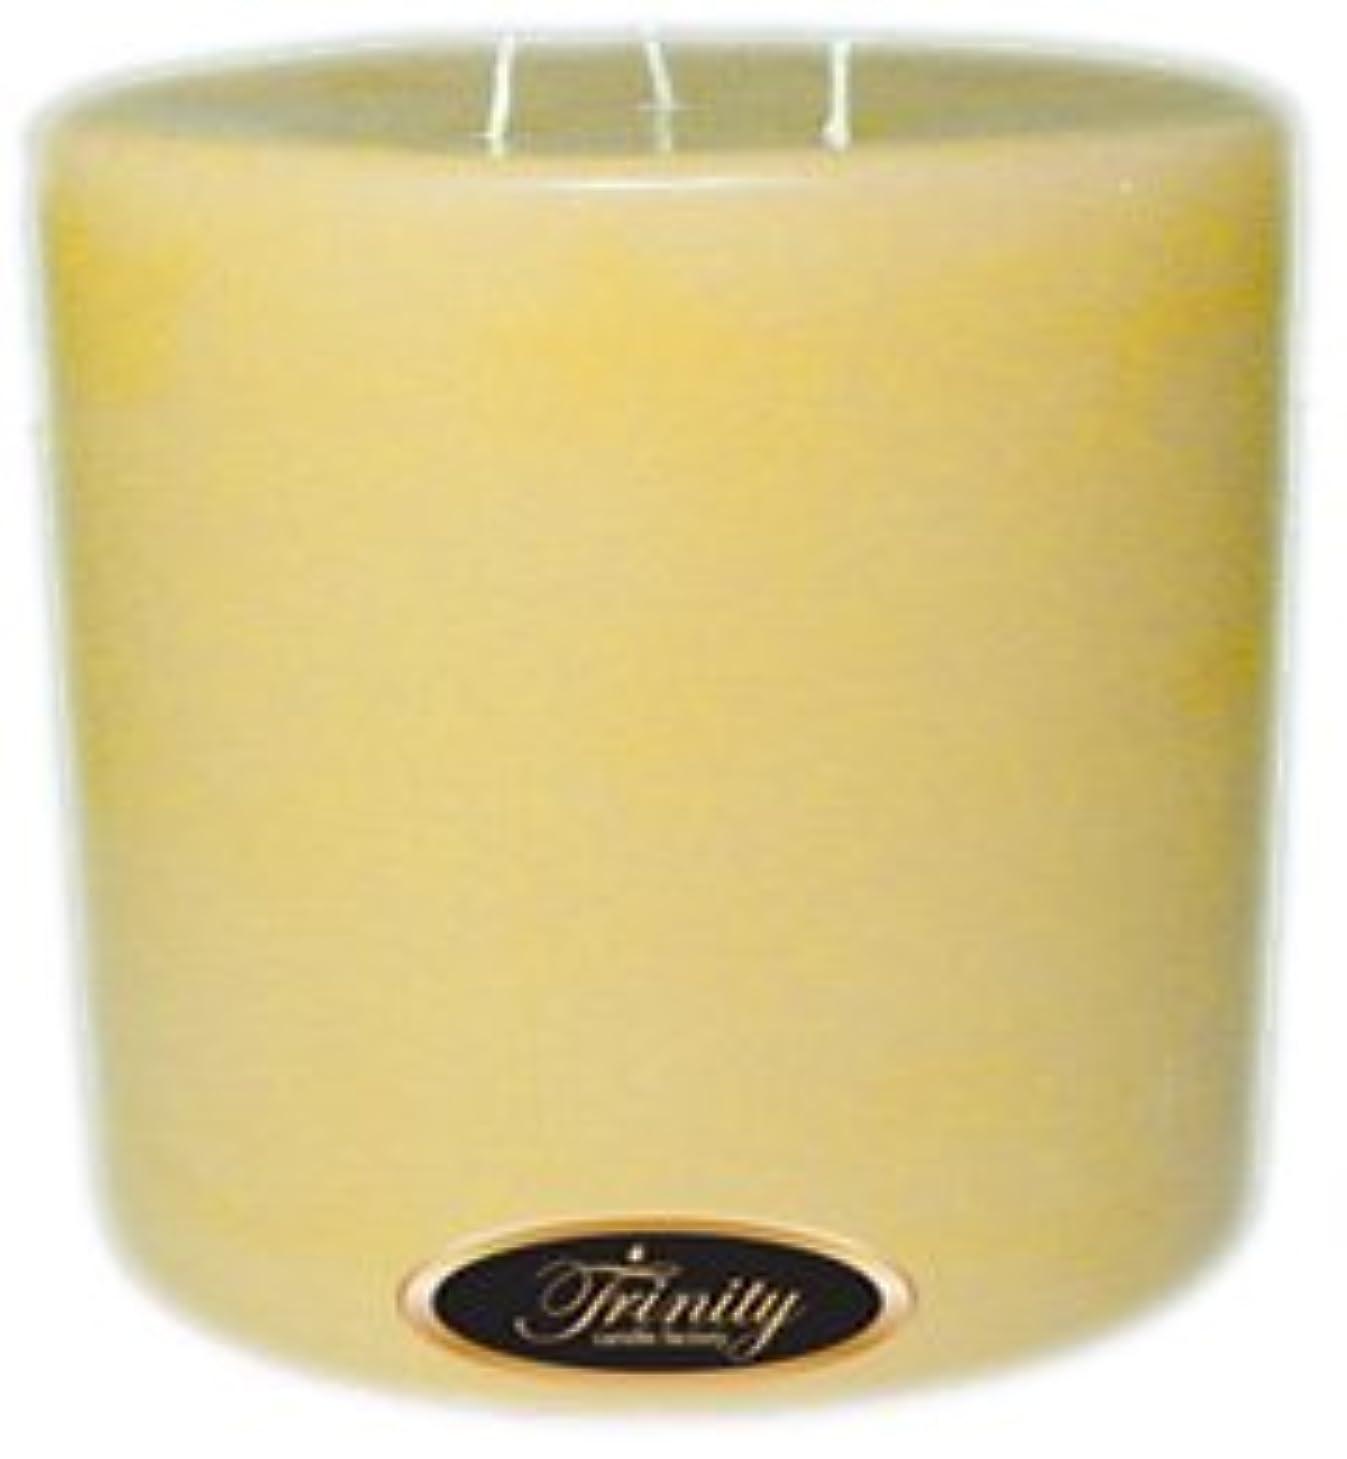 アトミック個人振り子Trinity Candle工場 – French Vanilla – Pillar Candle – 6 x 6